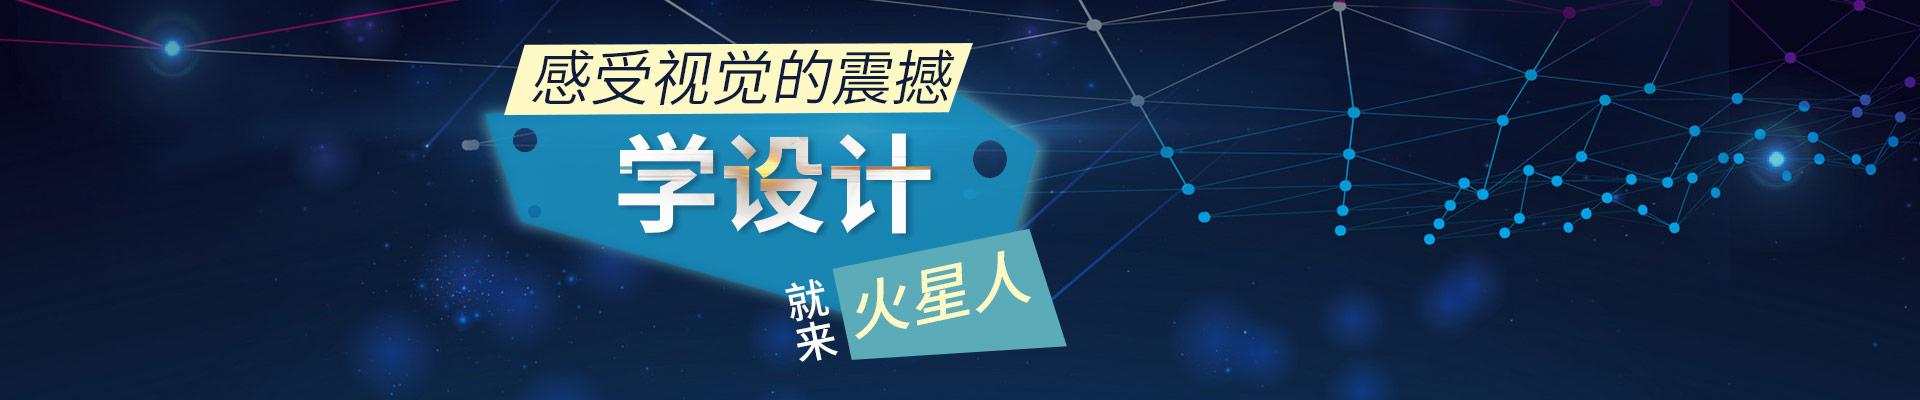 北京火星人教育培训学校